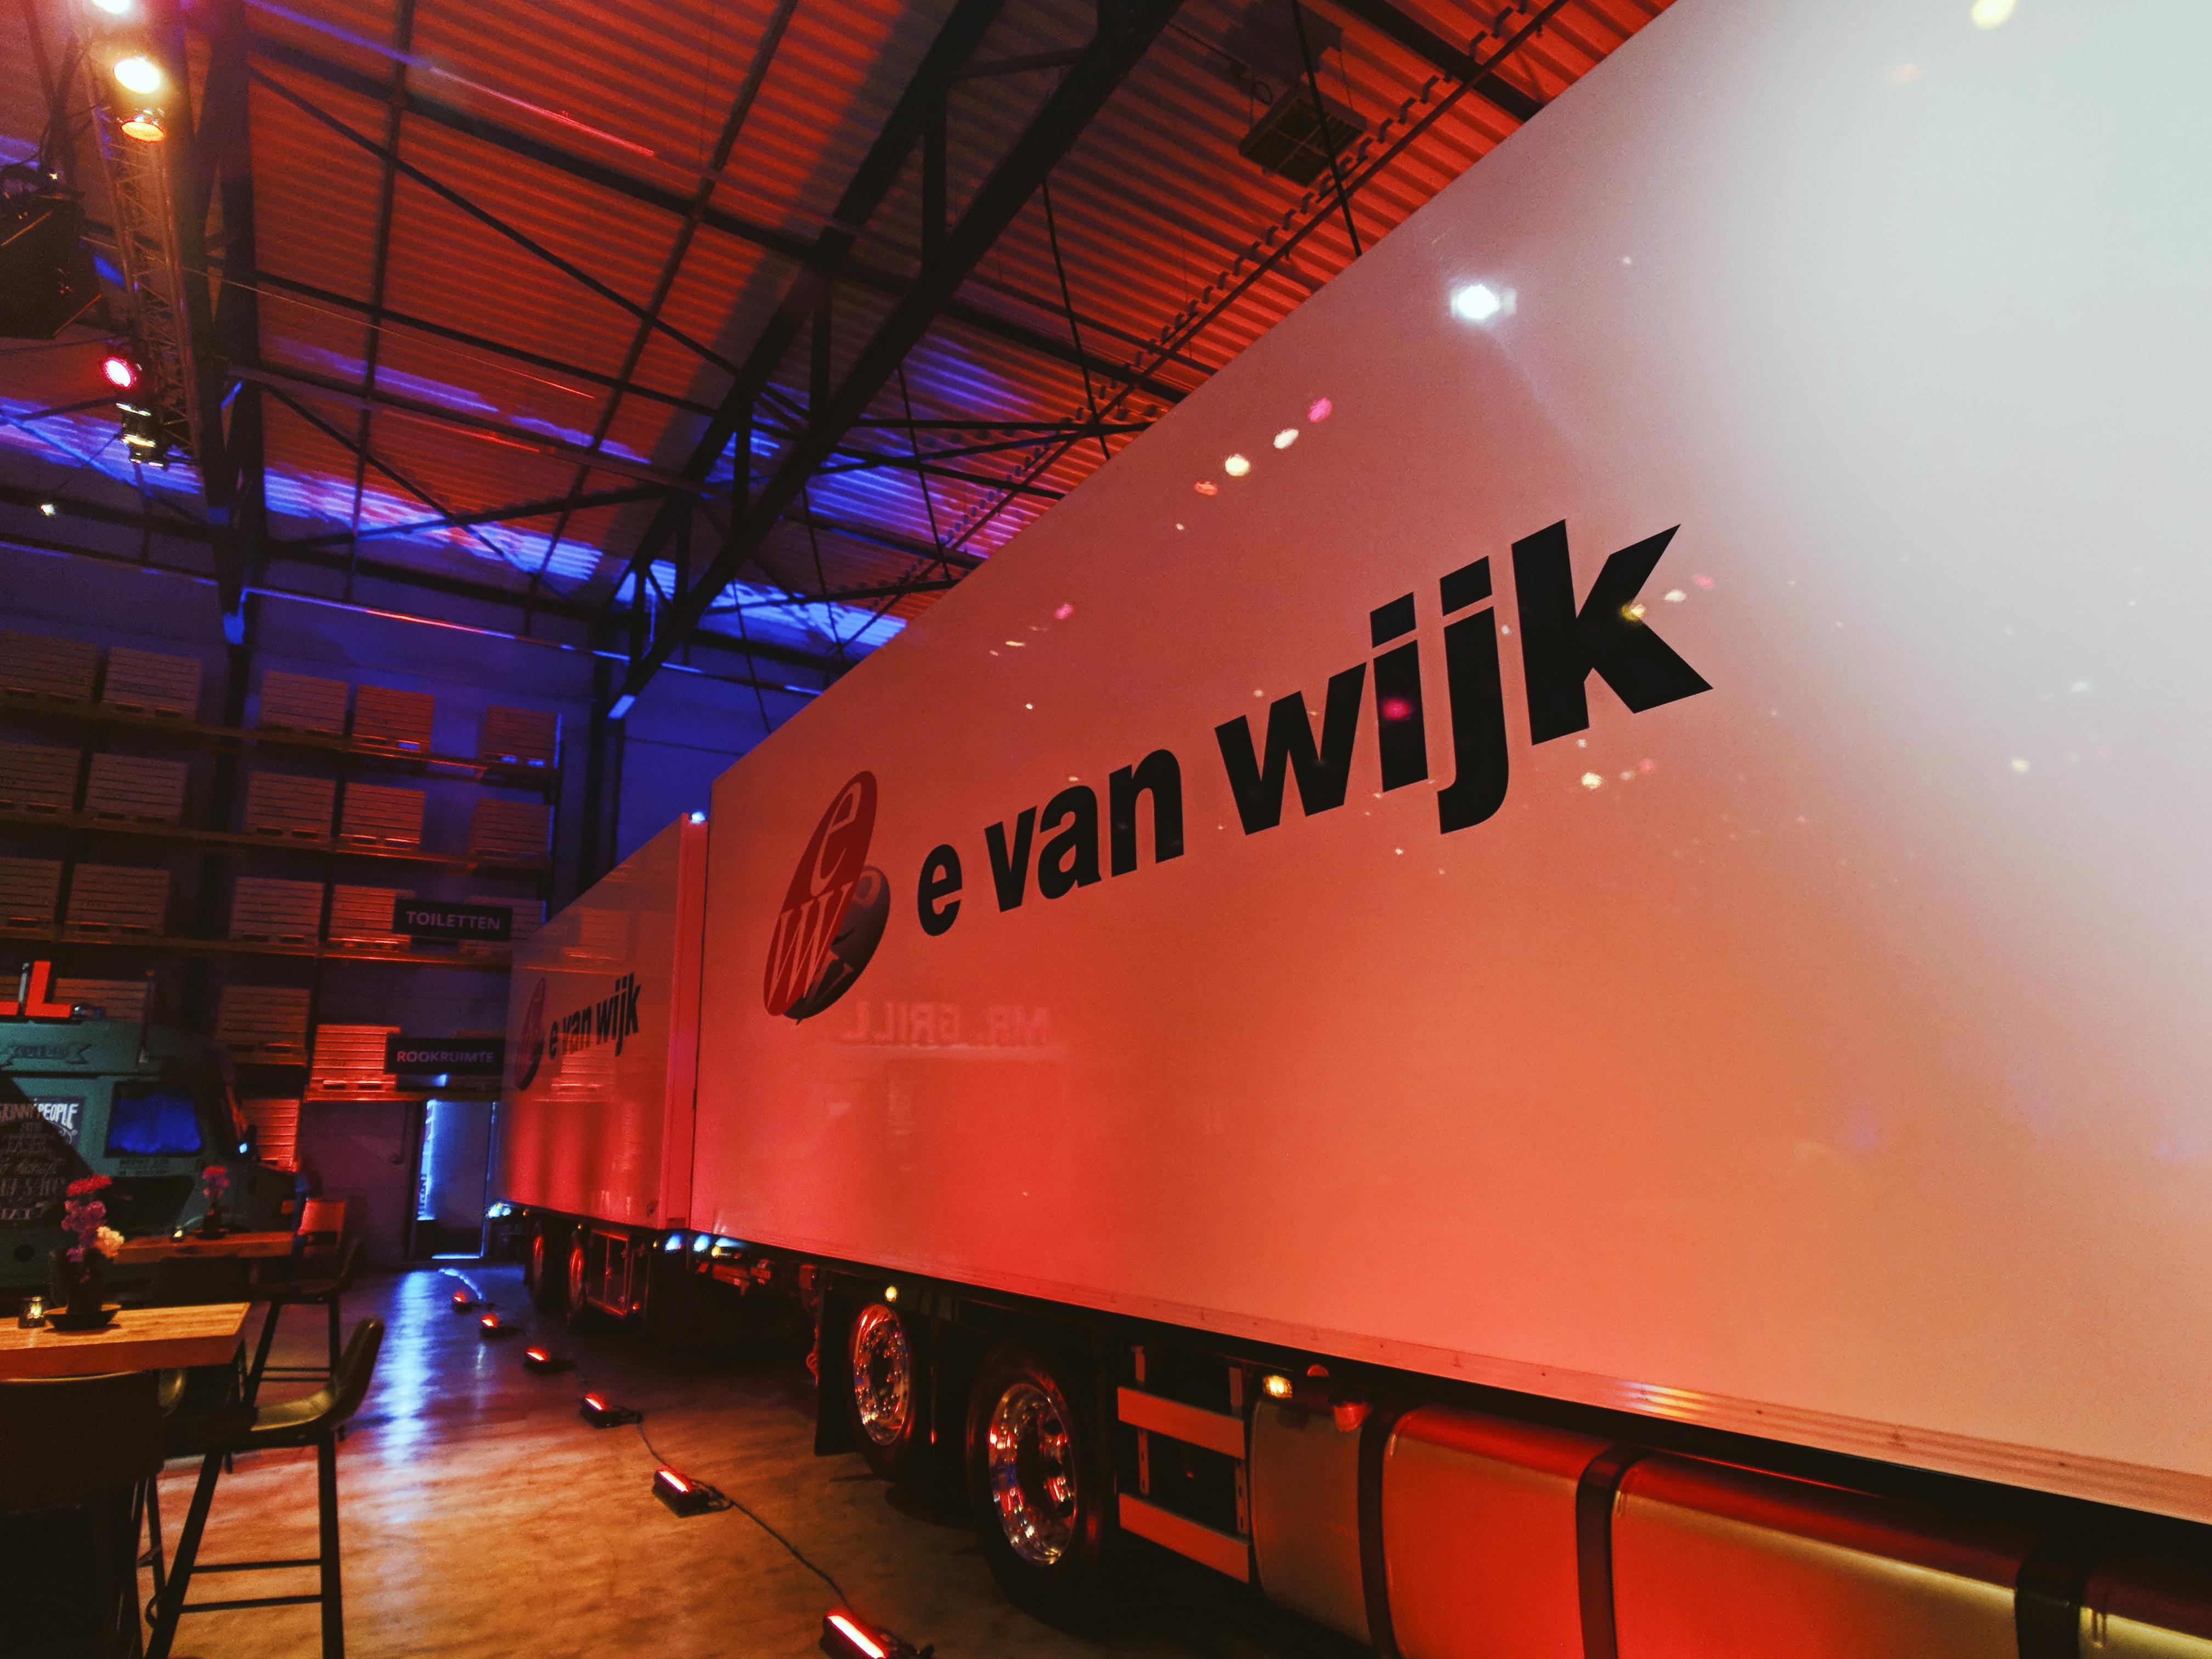 Come Correct Van Wijk Bedrijfshal Opening 09